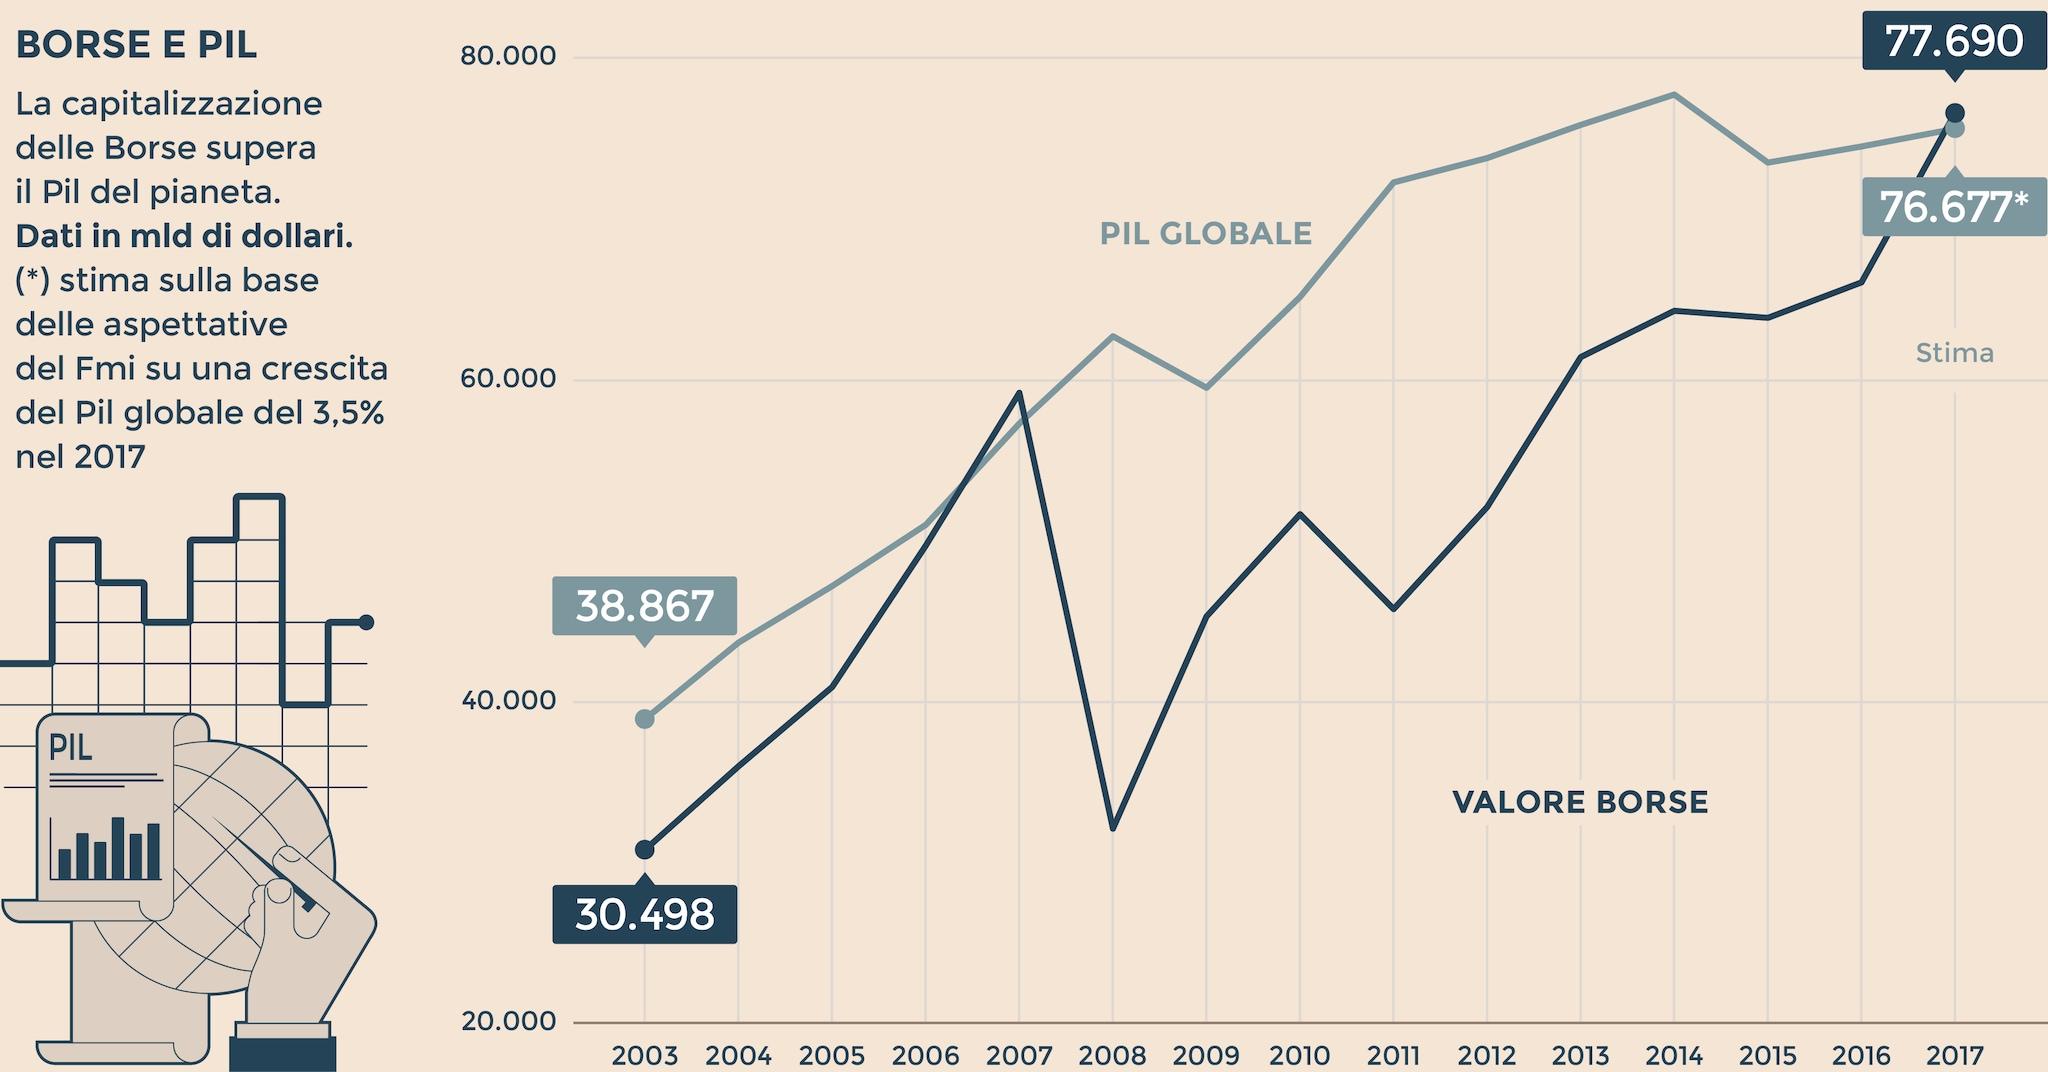 1d054739f1 Le Borse ora valgono più del Pil del pianeta. Quali sono i rischi ...